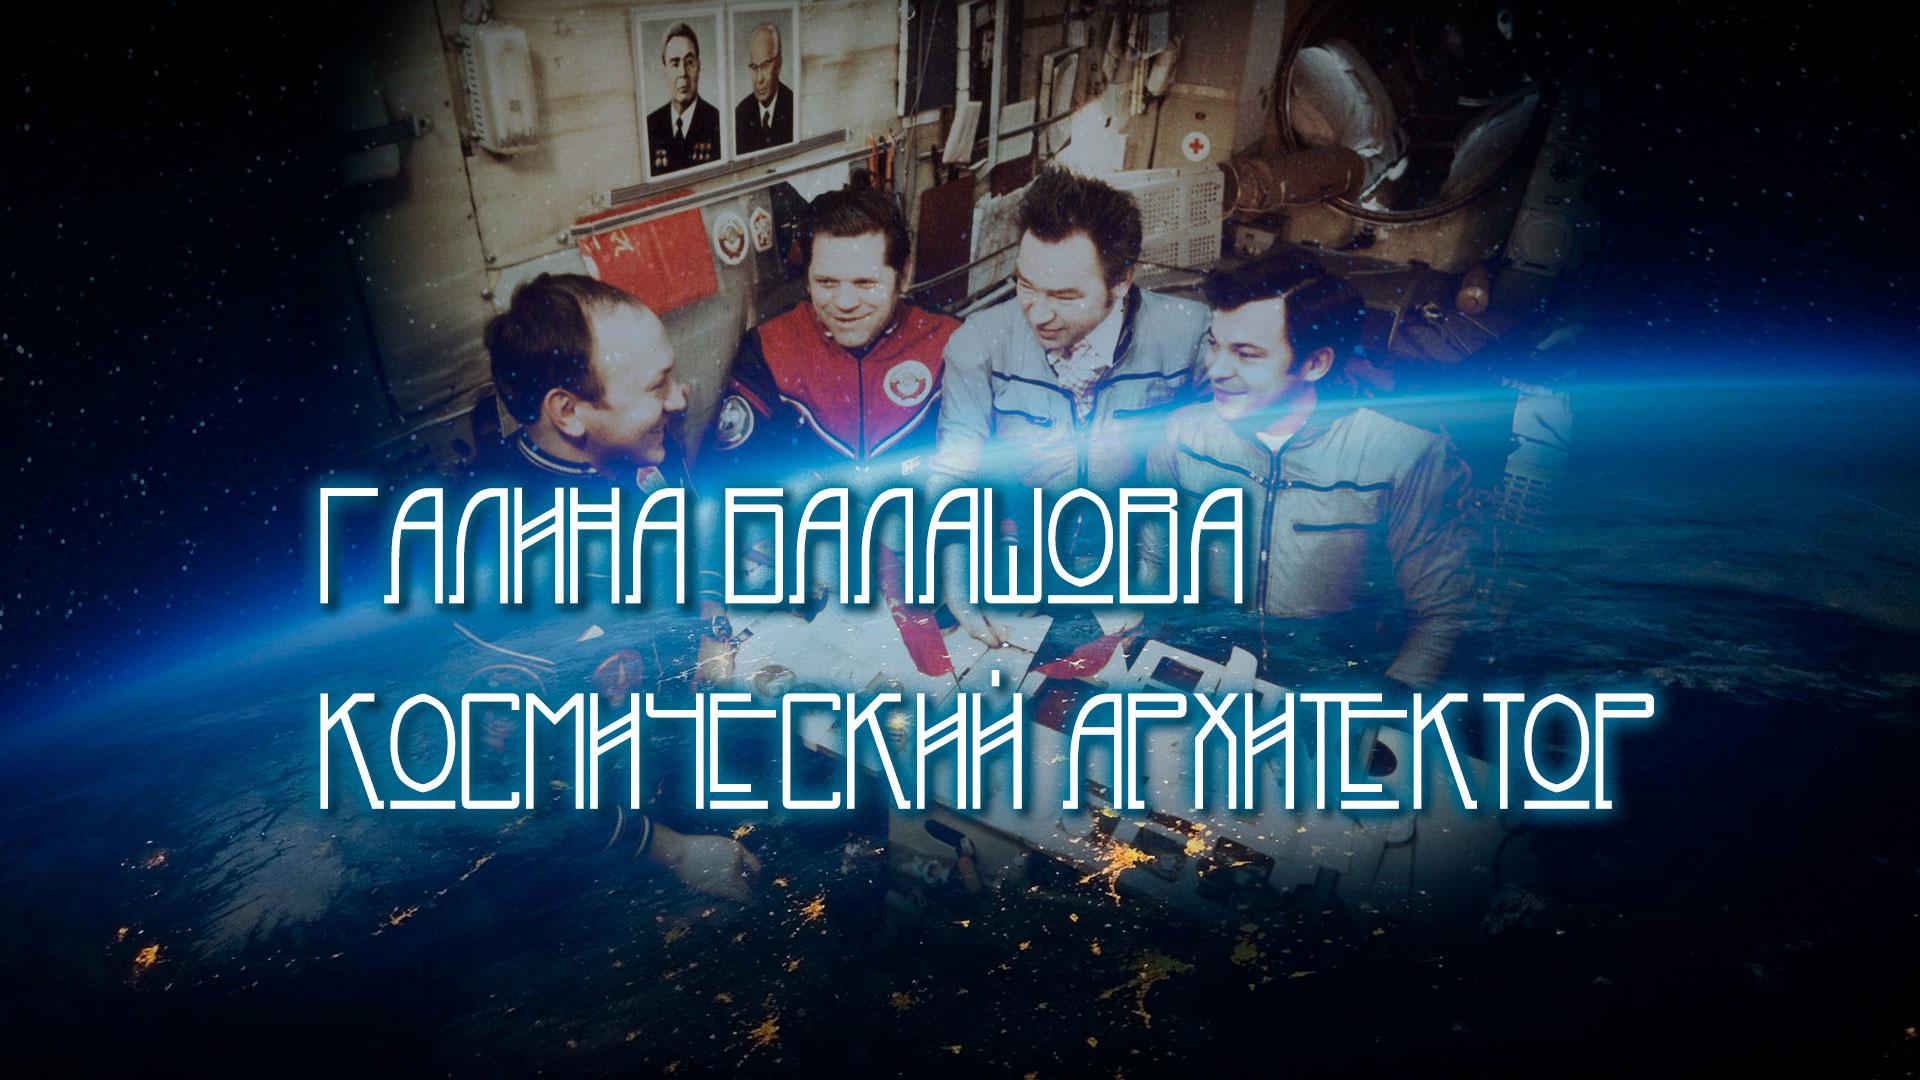 Галина Балашова. Космический архитектор